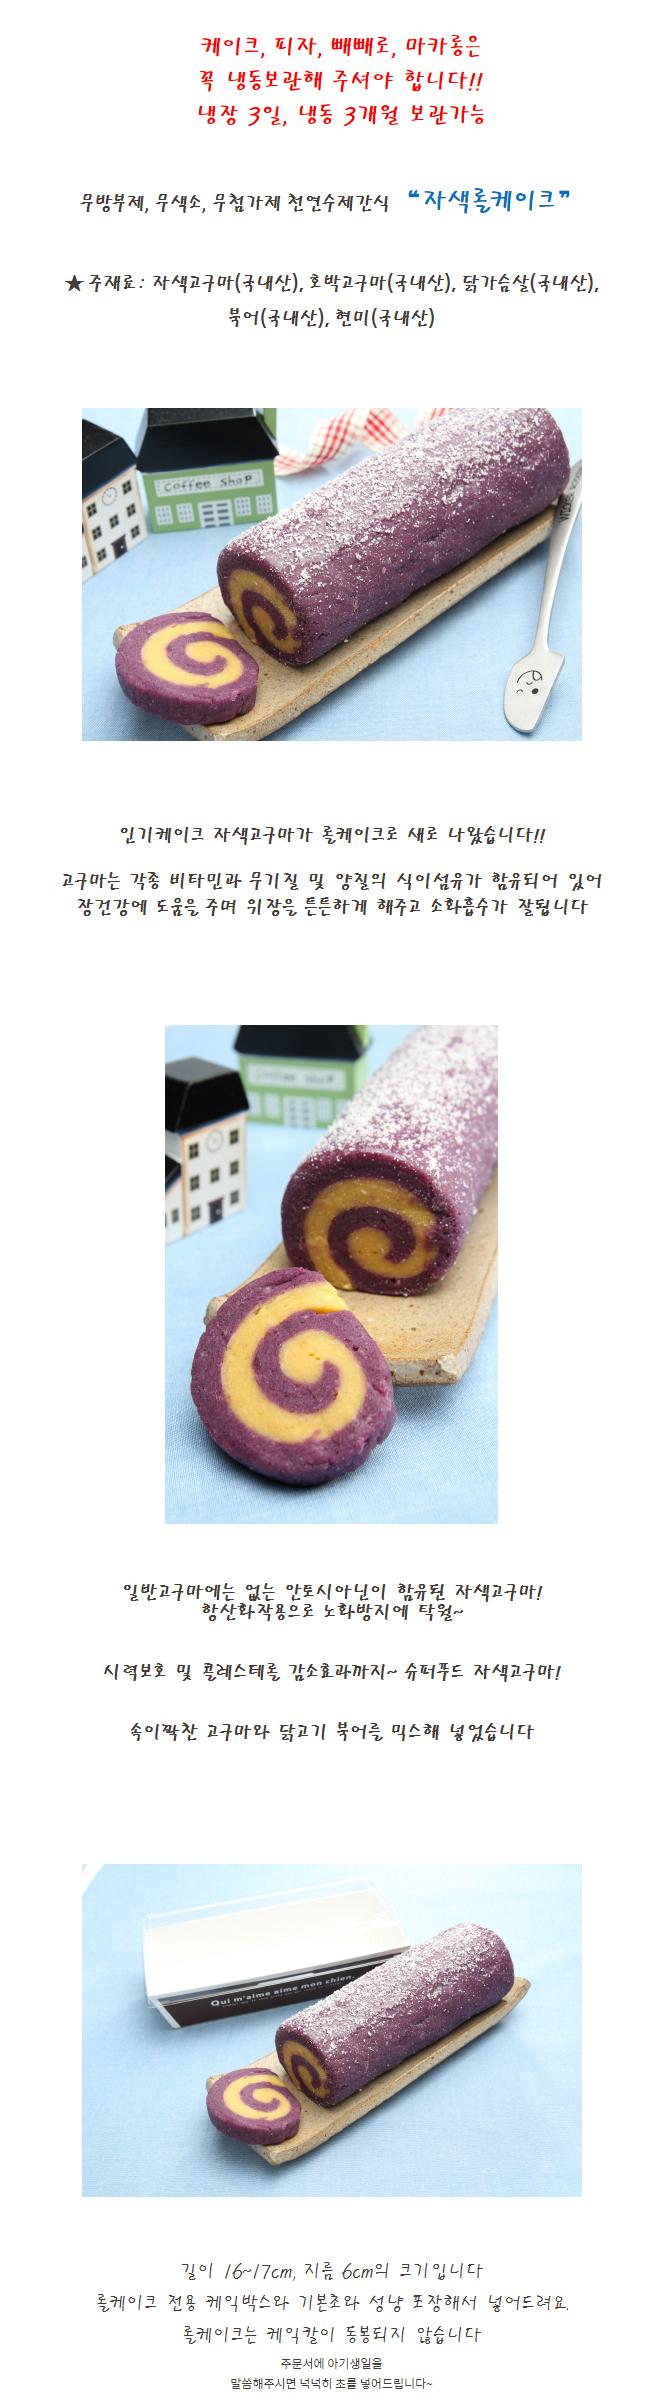 힐링펫 수제케익 자색 롤케이크 - 힐링펫, 18,000원, 간식/영양제, 수제간식